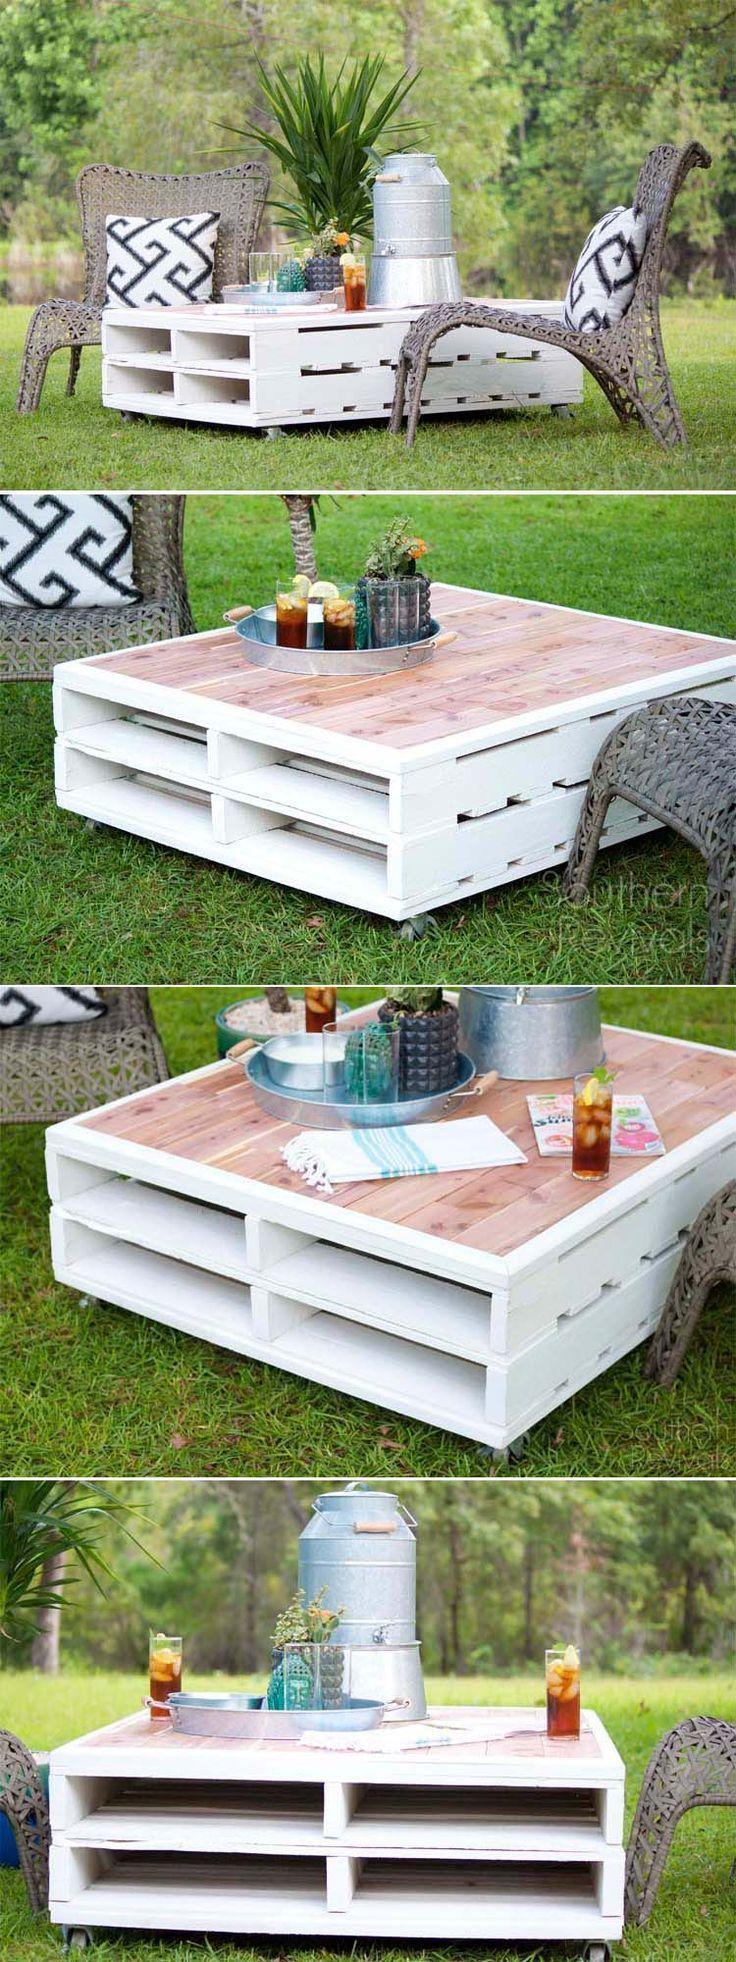 DIY Outdoor Pallet Coffee Table | cheap home decor ideas ...